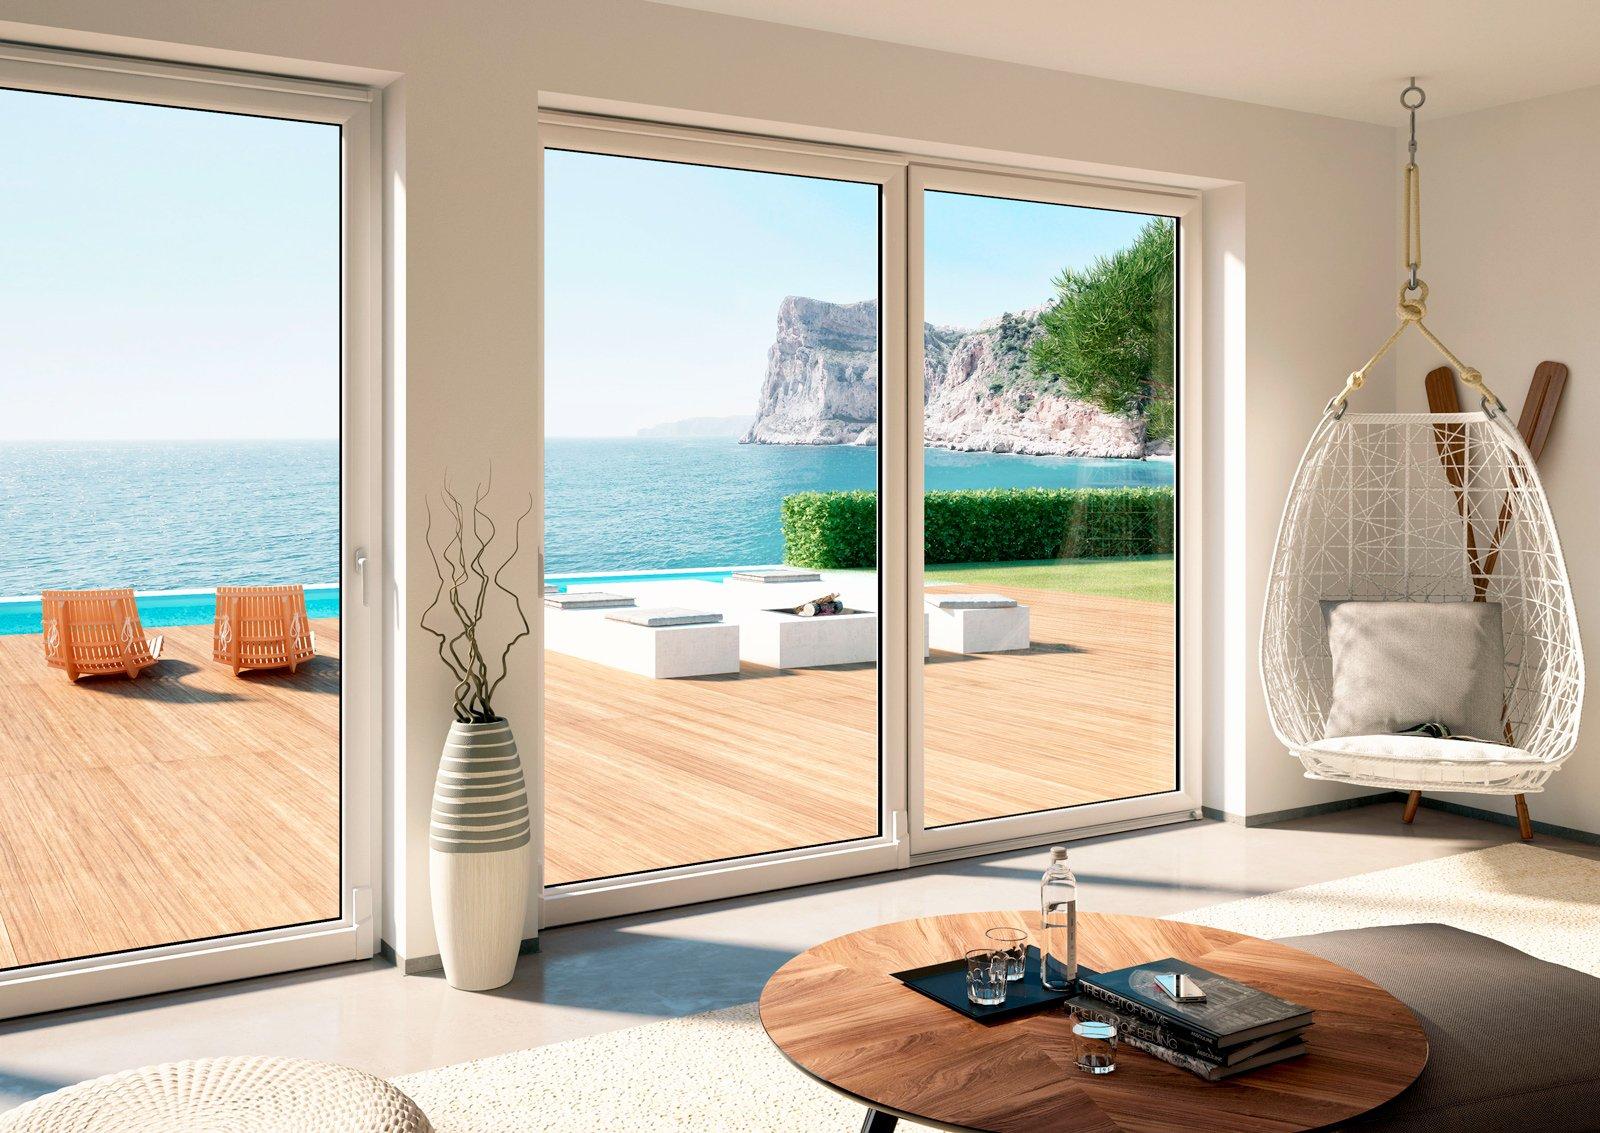 Vetrocamera delle finestre come fatta e quanto costa cose di casa - Costruire una finestra ...